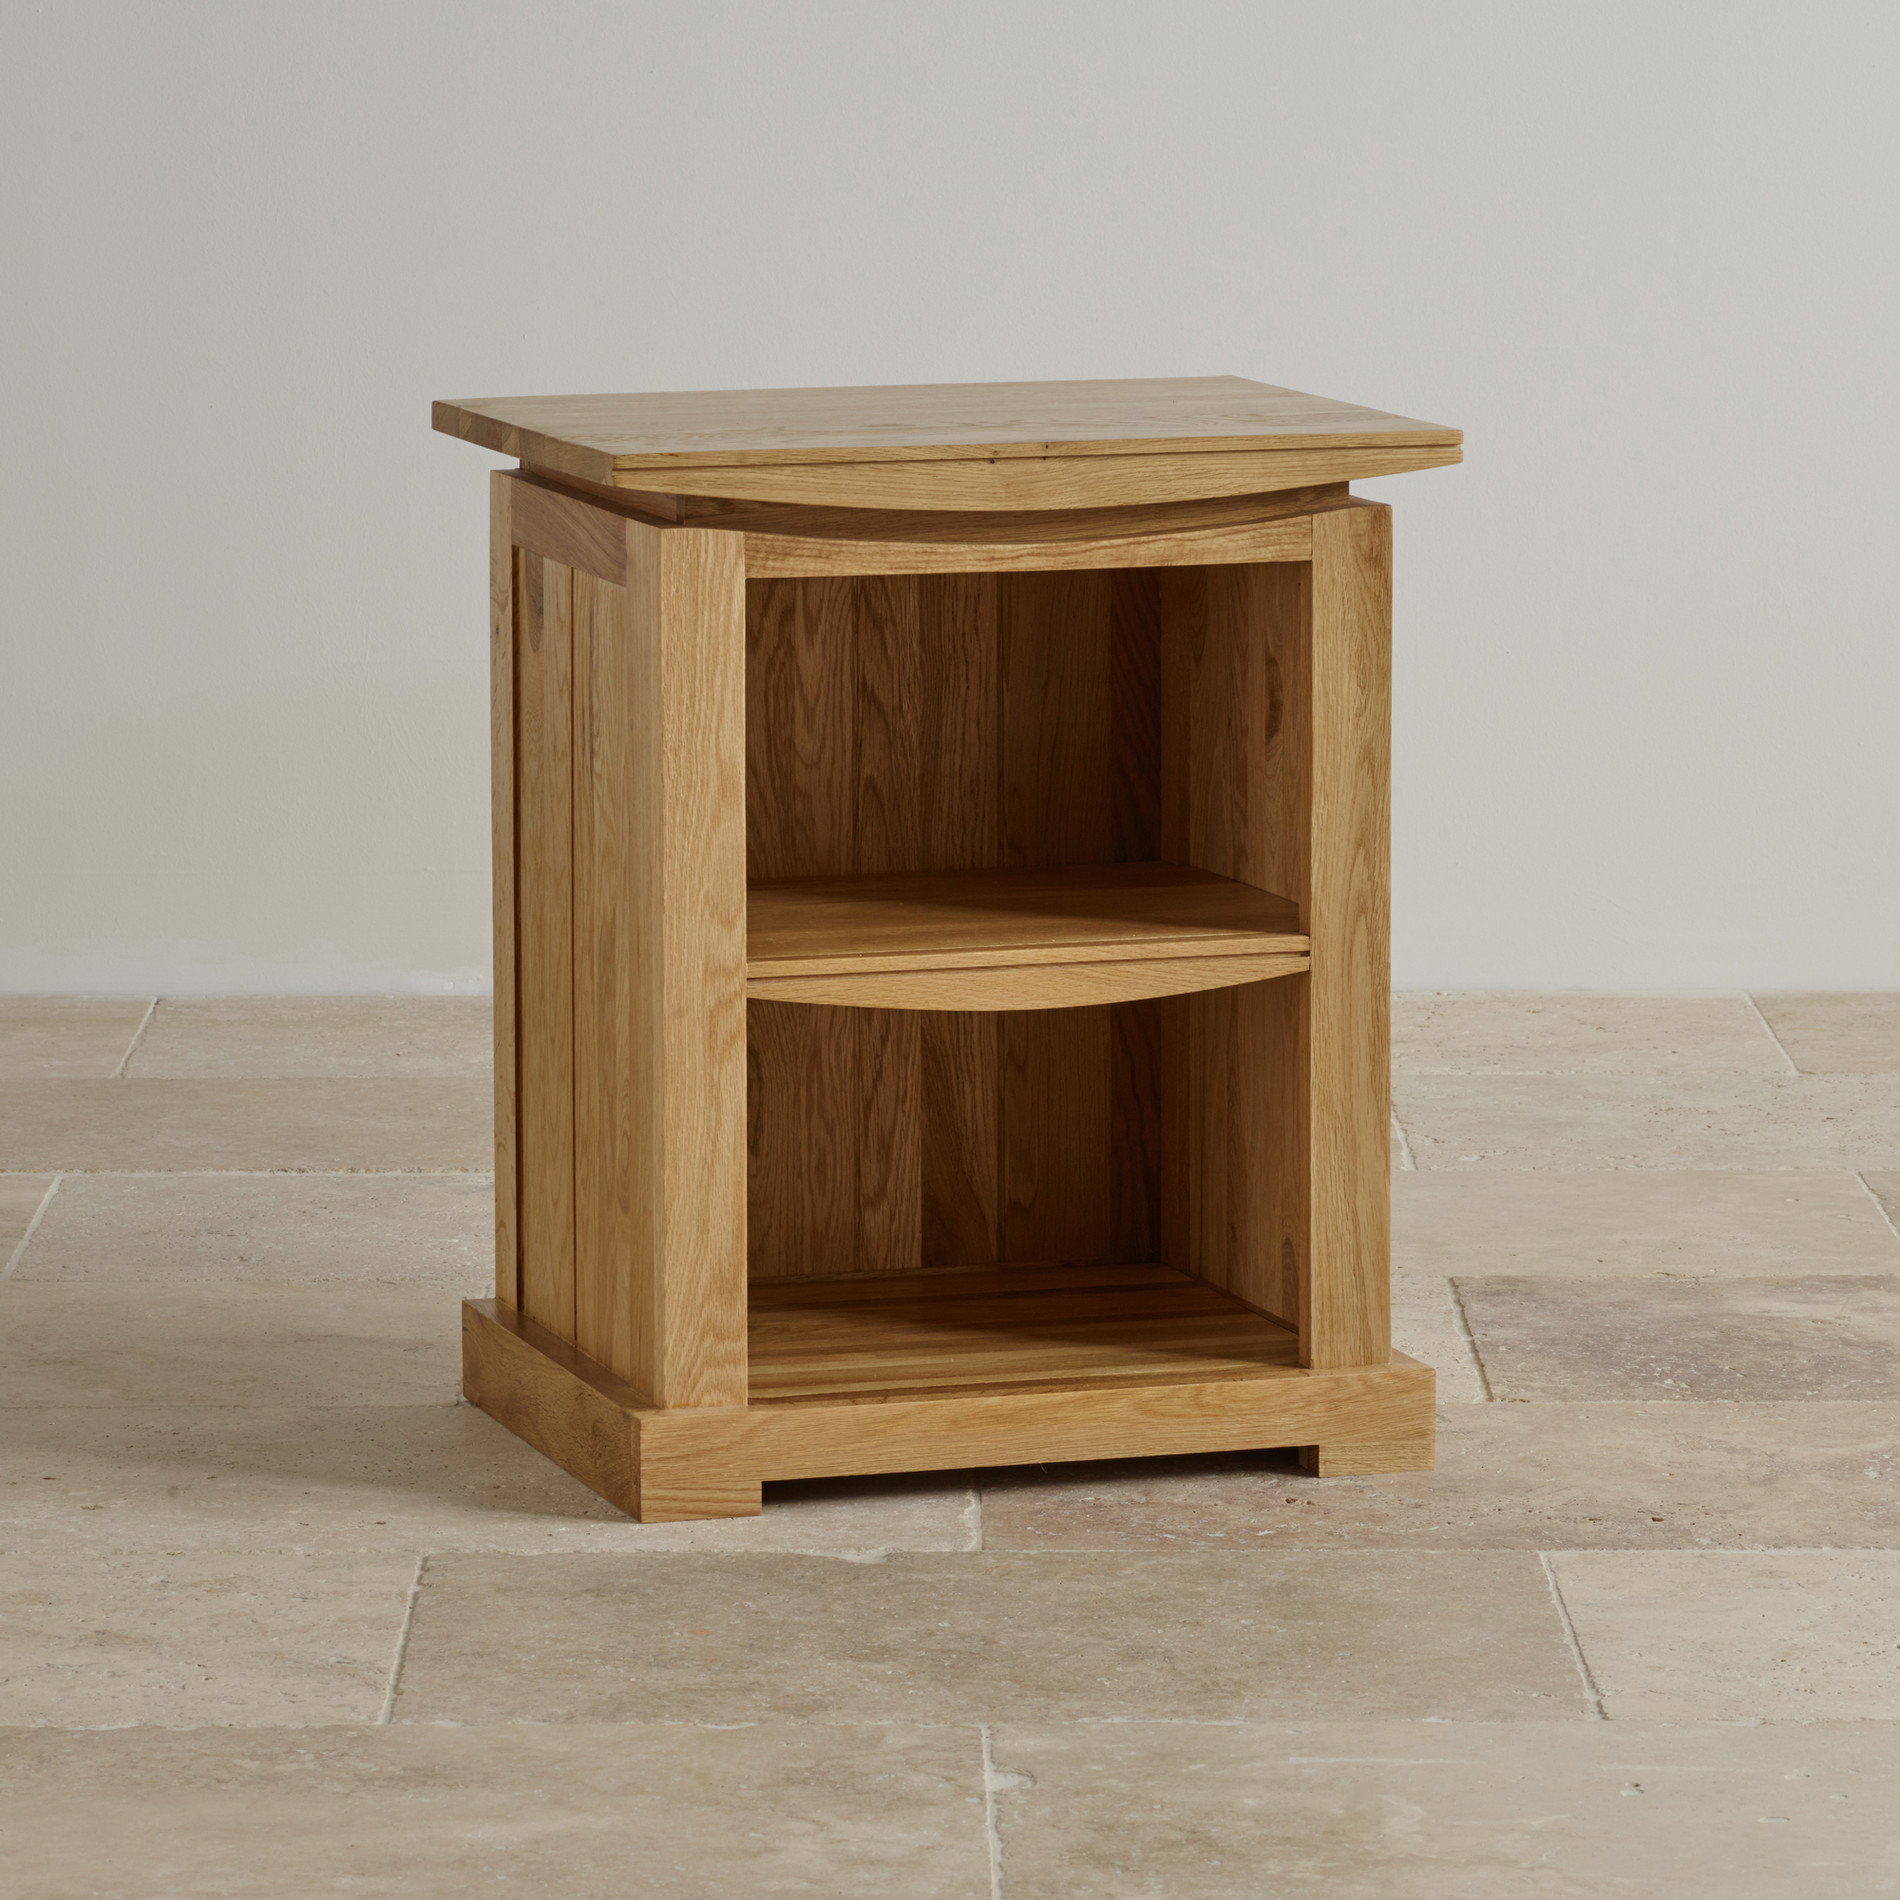 Tokyo Bedside Table In Natural Solid Oak Oak Furniture Land